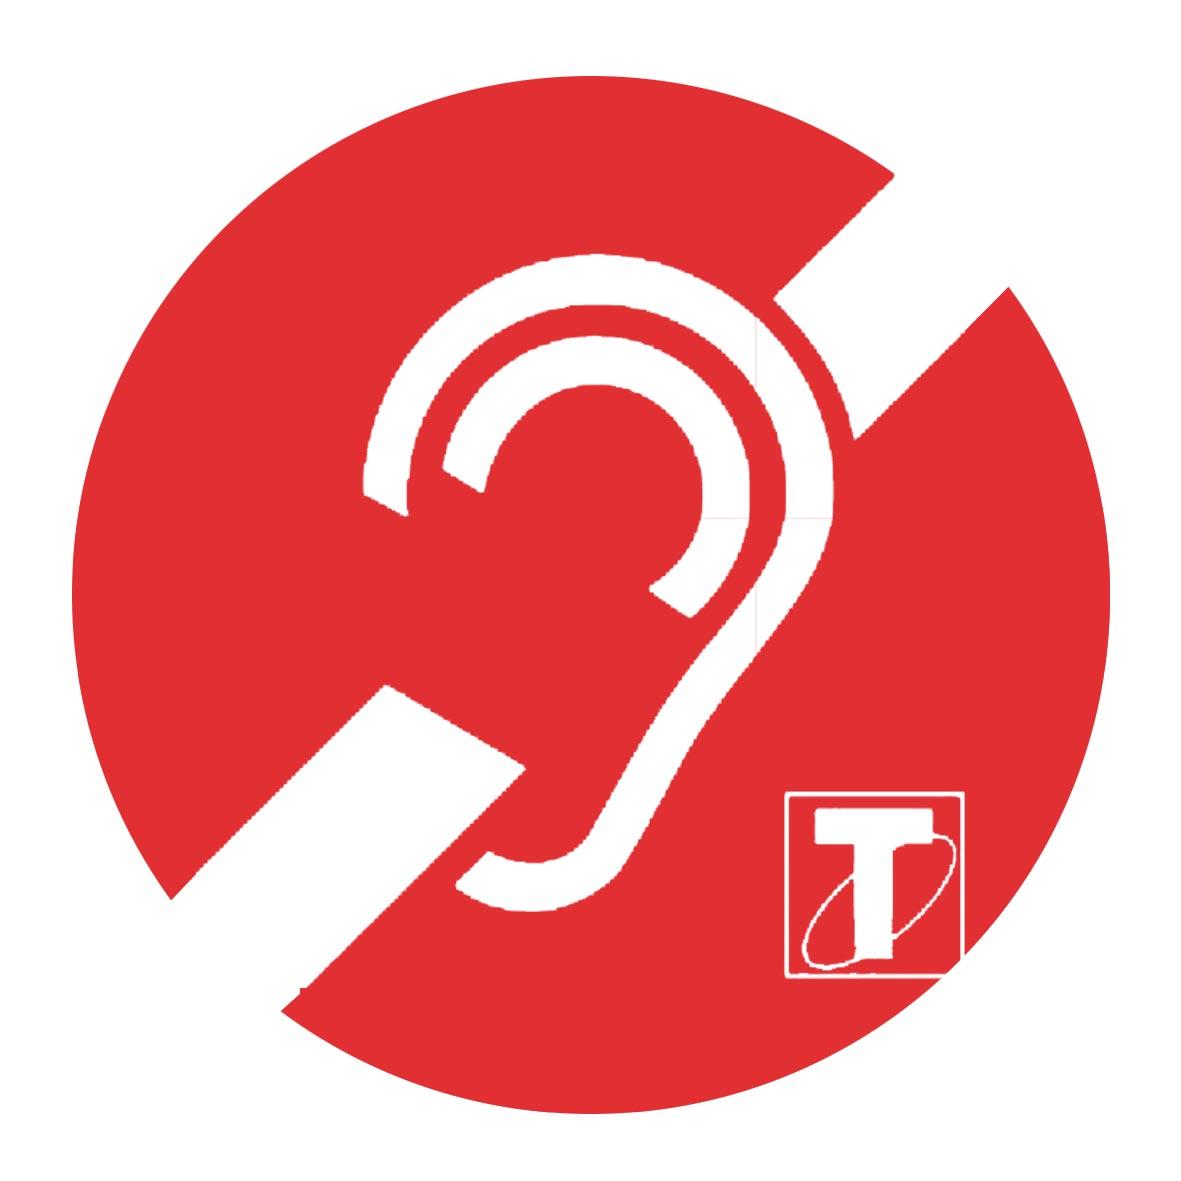 logo boucle magnétique